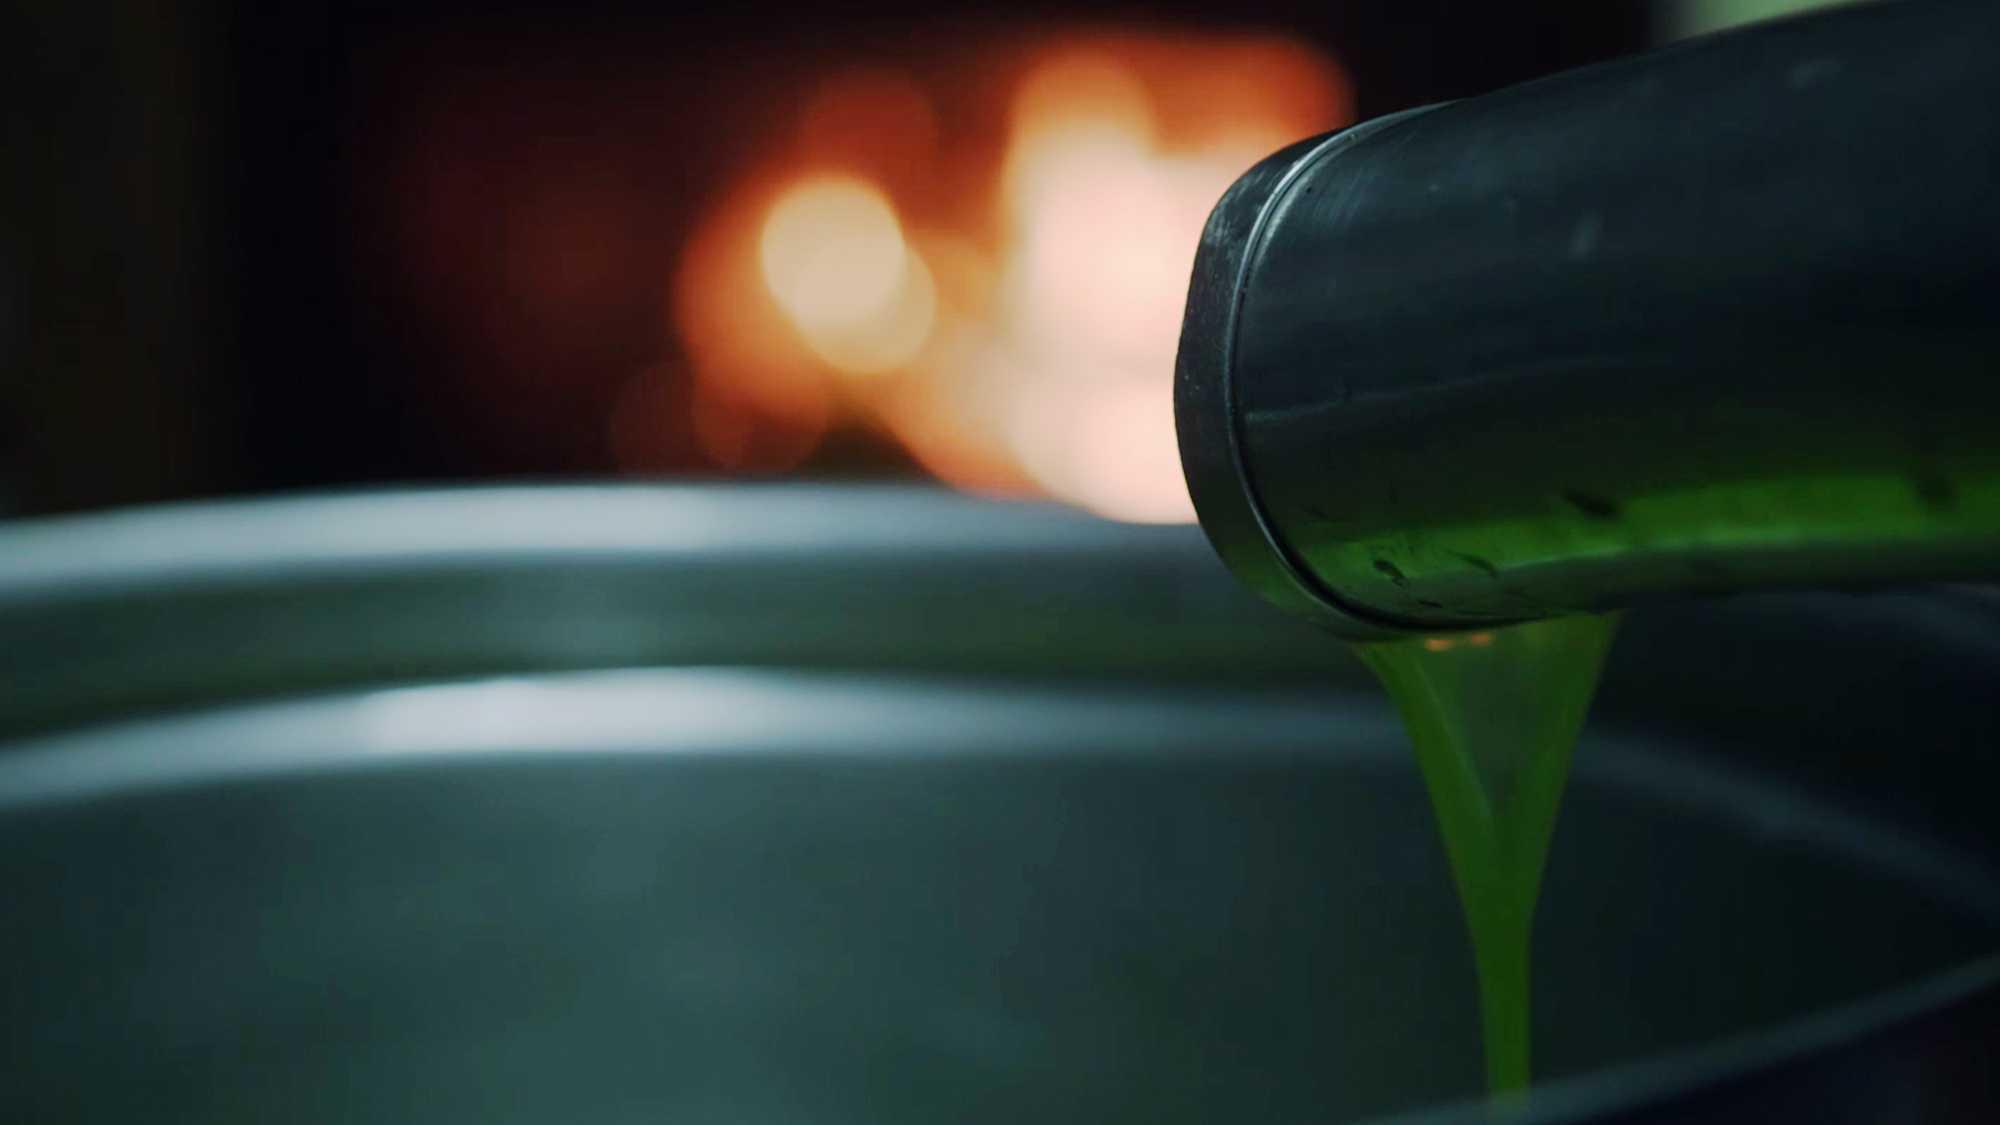 Das Bild zeigt eine silberne Röhre, die grünes Öl in einen Eimer fließen lässt. Dahinter ist ein verschwommenes Licht zu sehen. Das Bild dient als Sliderbild für den Portfolioeintrag Kurzfilm Tränen der Olive von Panda Pictures.